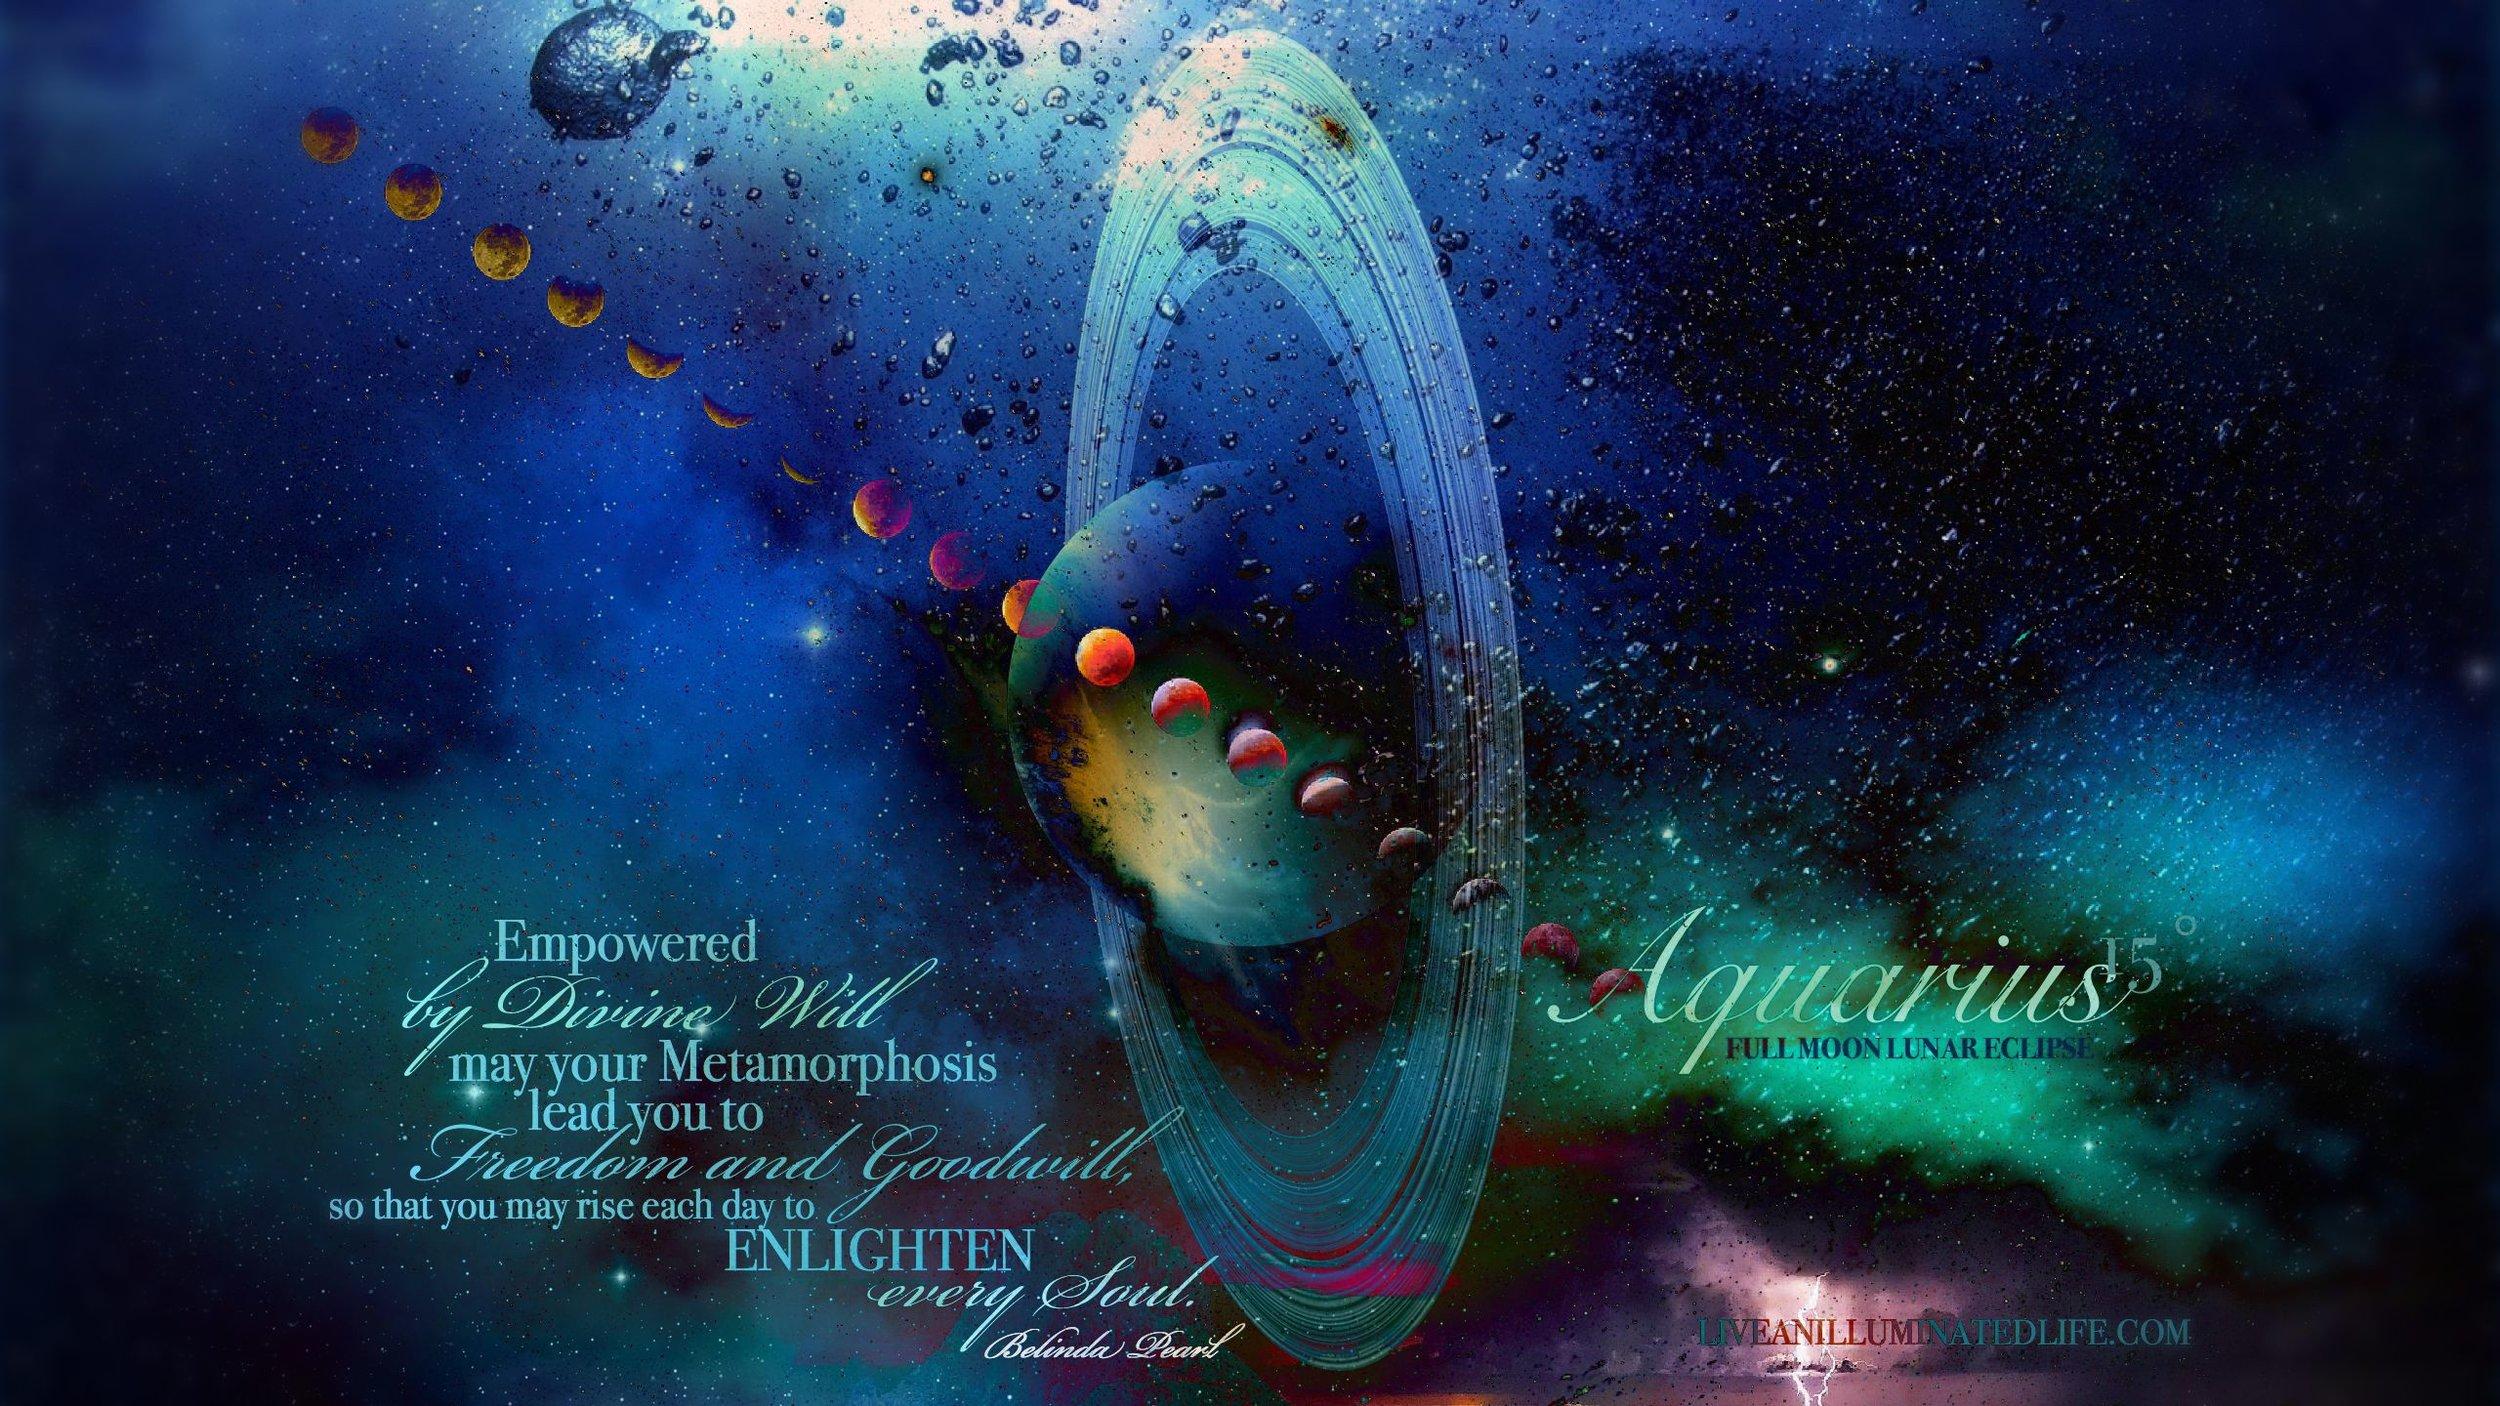 Aquarius Full Moon Lunar Eclipse